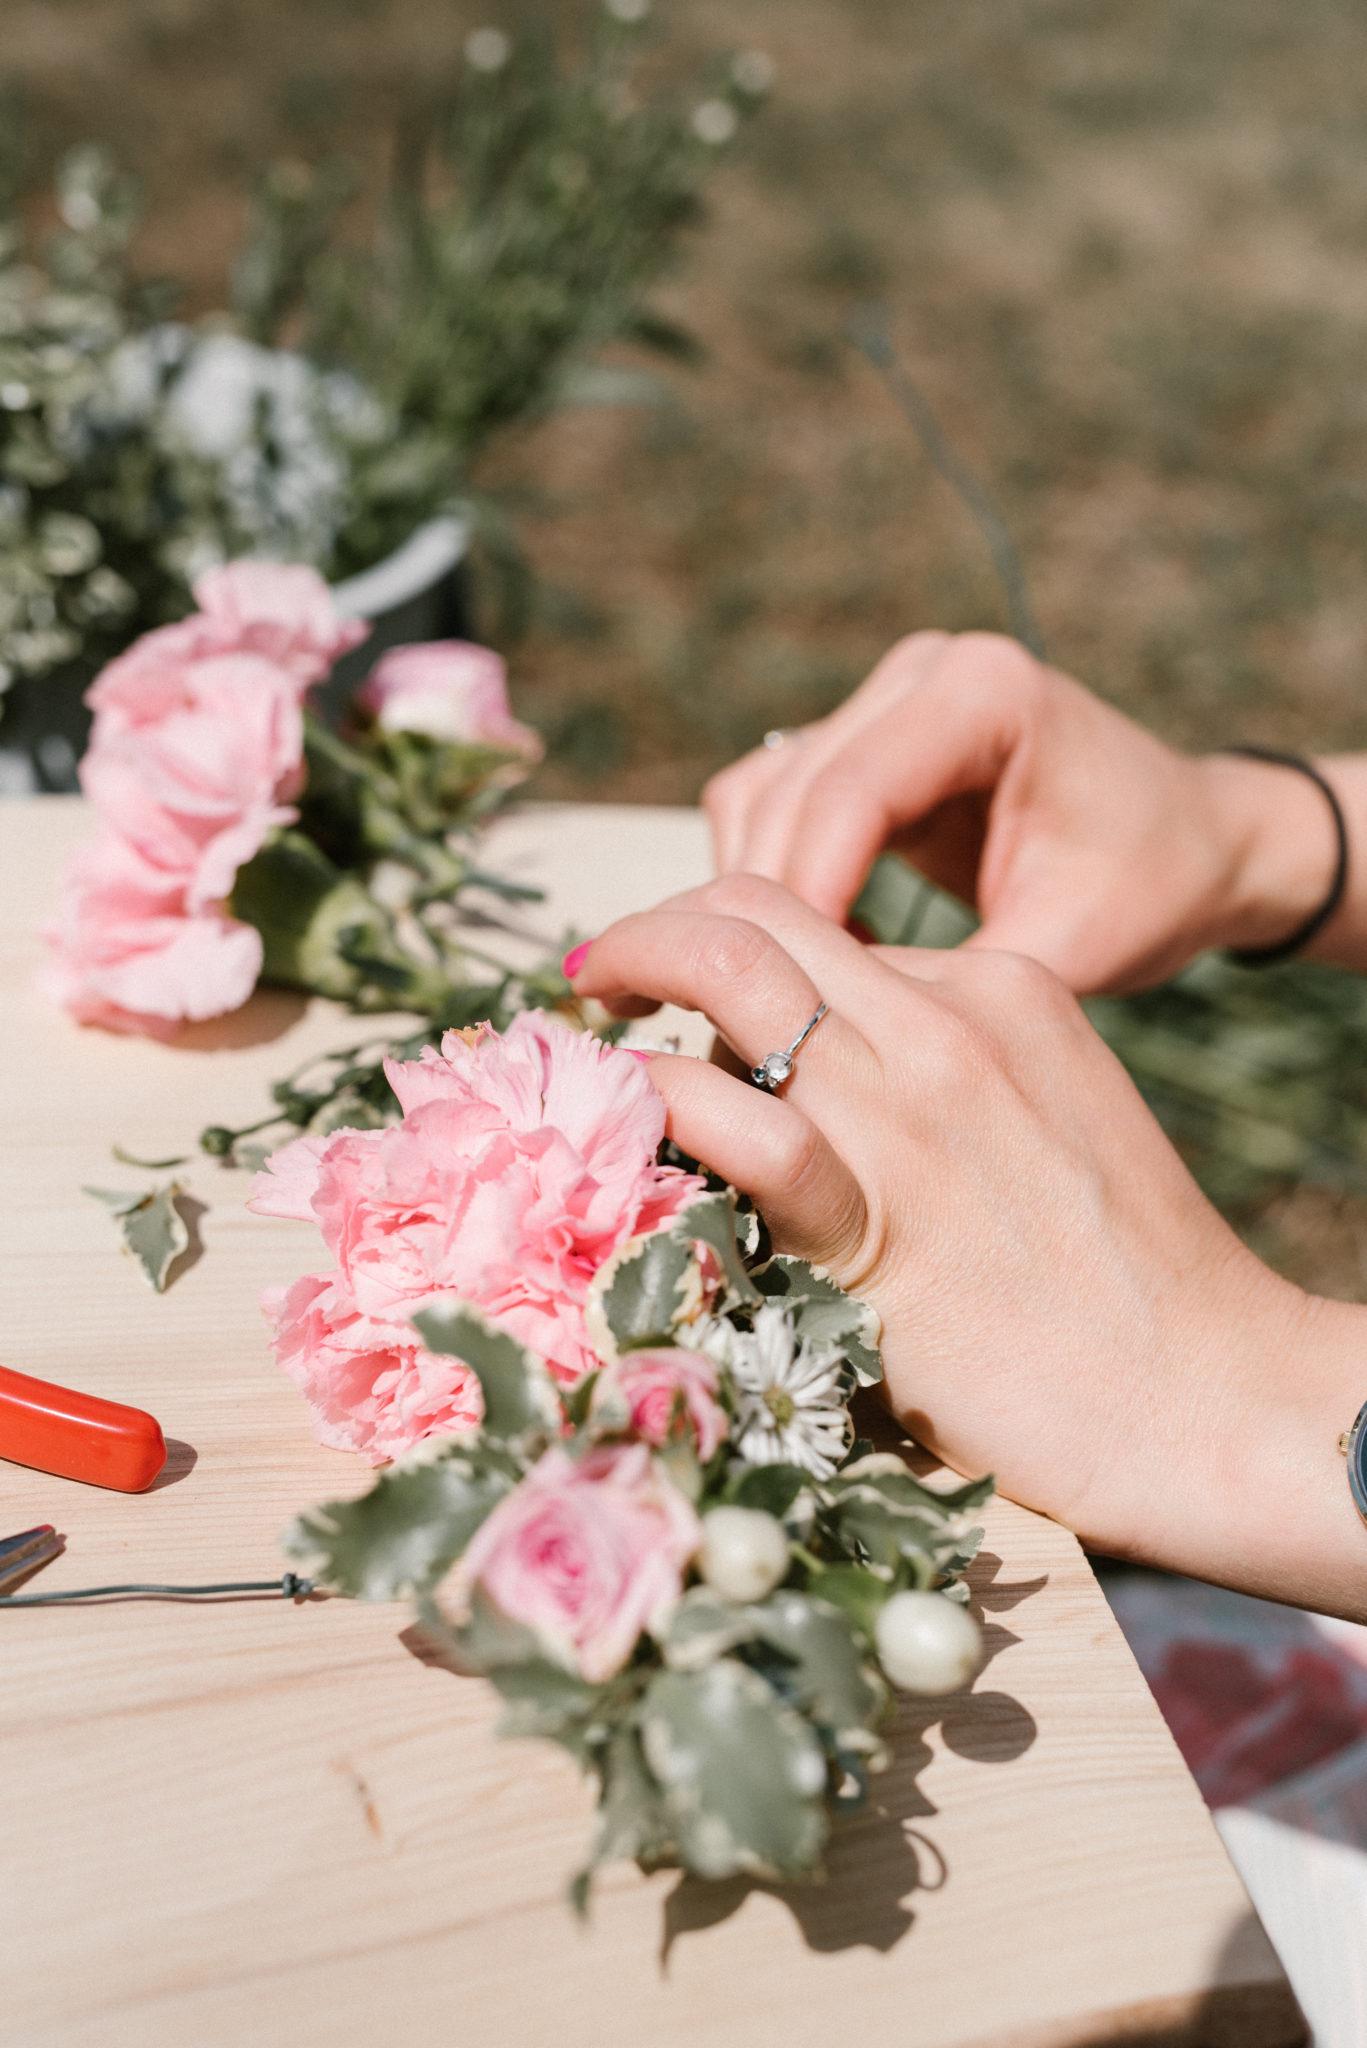 la-petite-planete-de-zoey-atelier-couronnes-de-fleurs-by-Justine-Briatte-21